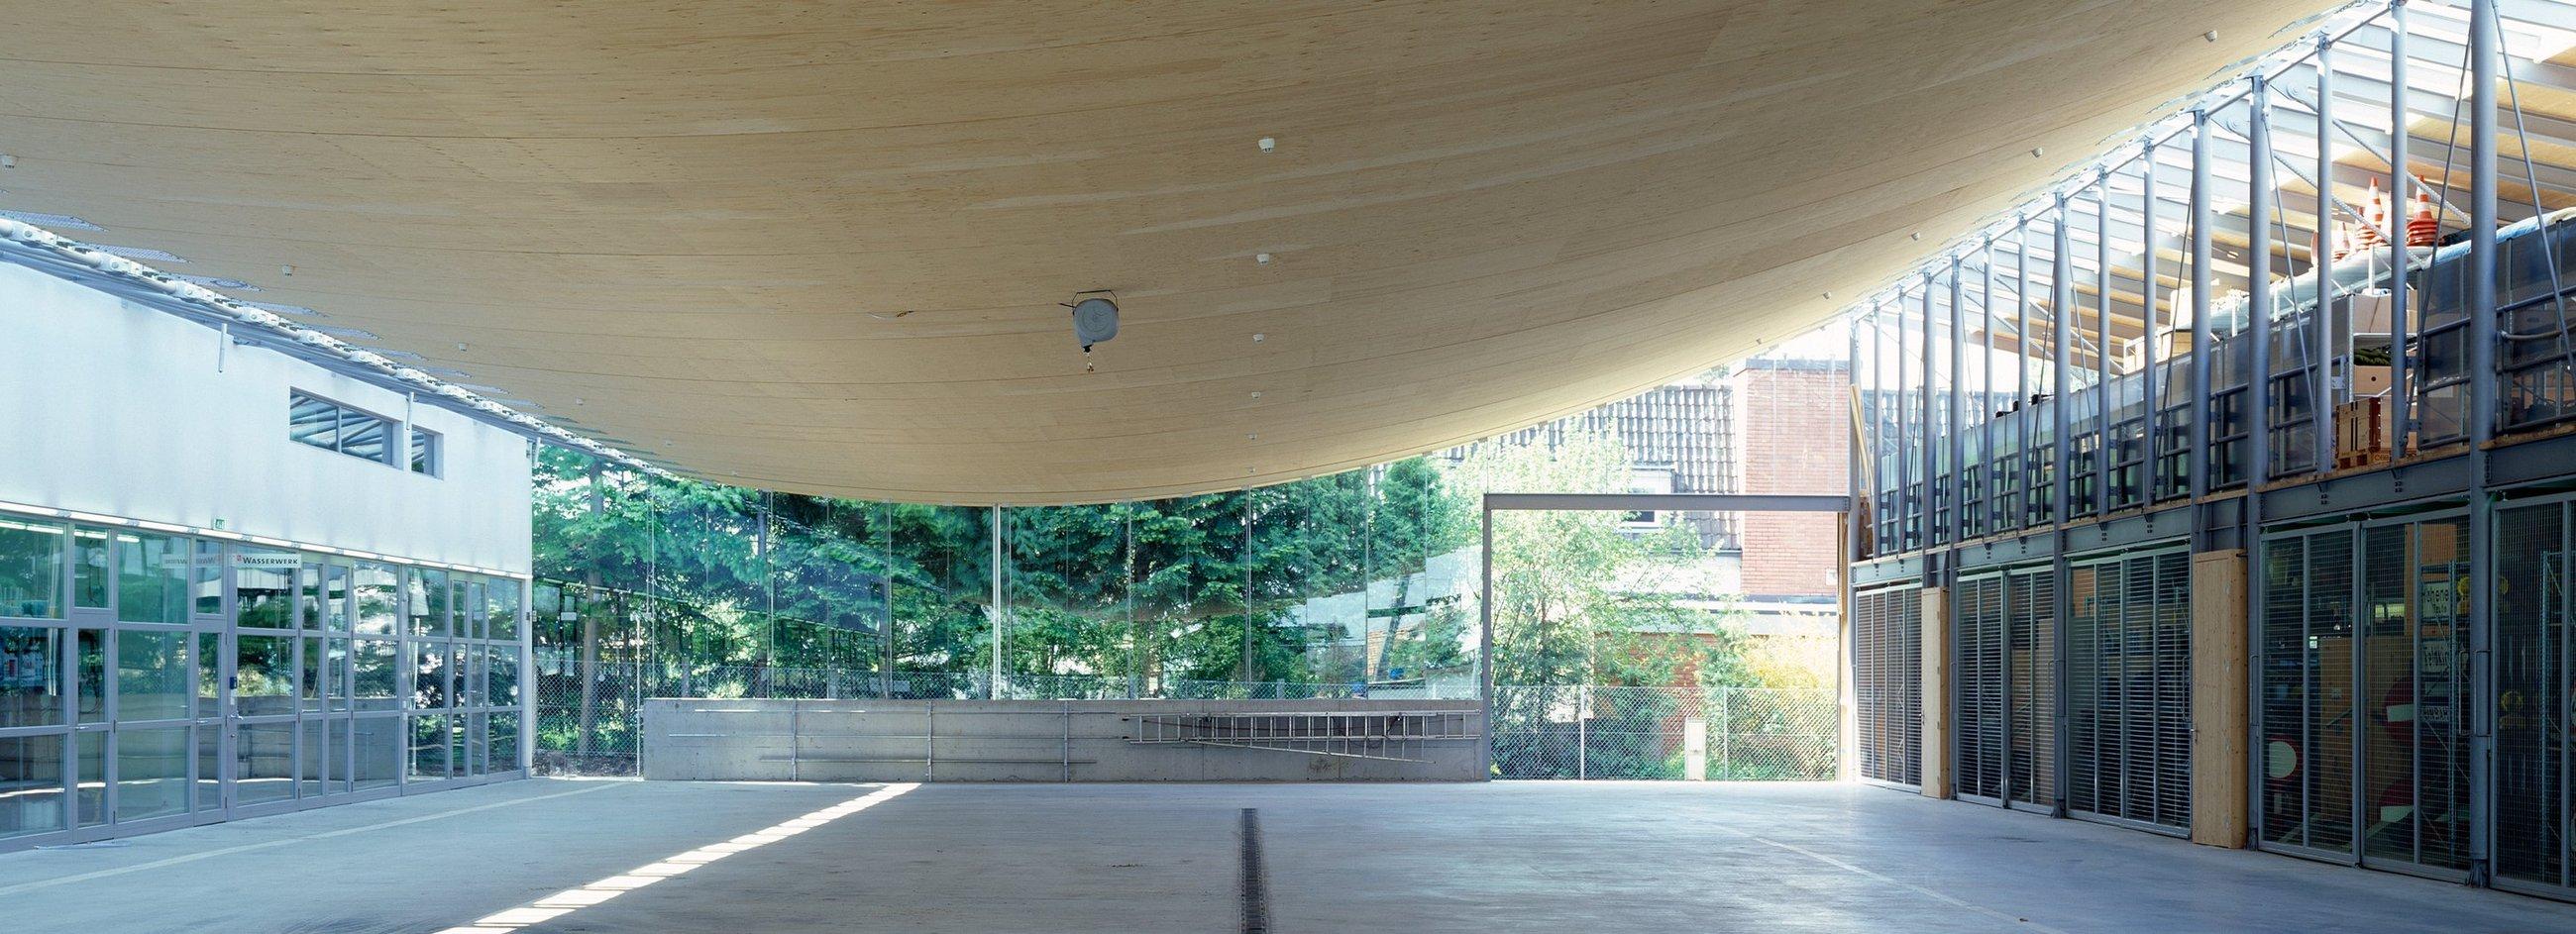 Die einzelnen bahnenartigen Holzelemente wurden eben gefertigt, sodass das Dach seine eigentliche Form (Seillinie) erst bei der Montage erhielt.